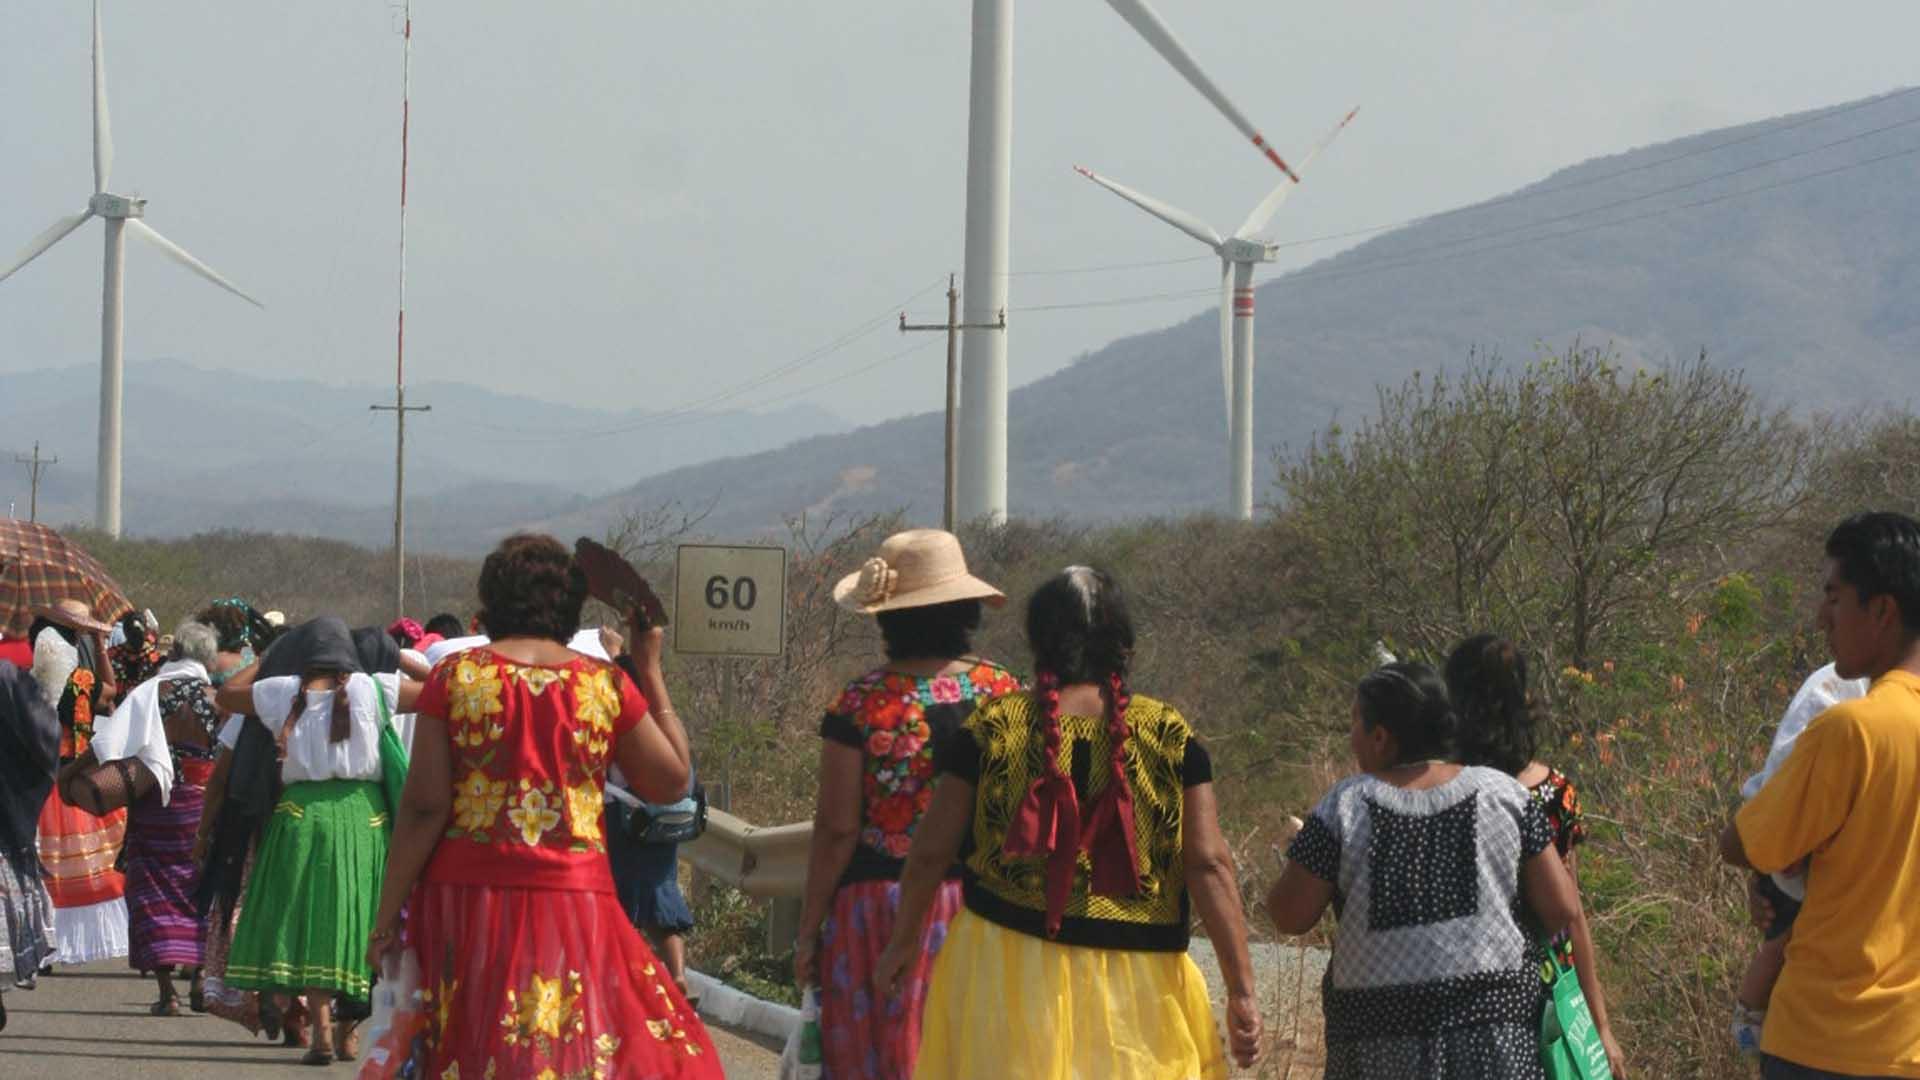 Indigenous communities walk past a large wind farm in Oaxaca, Mexico